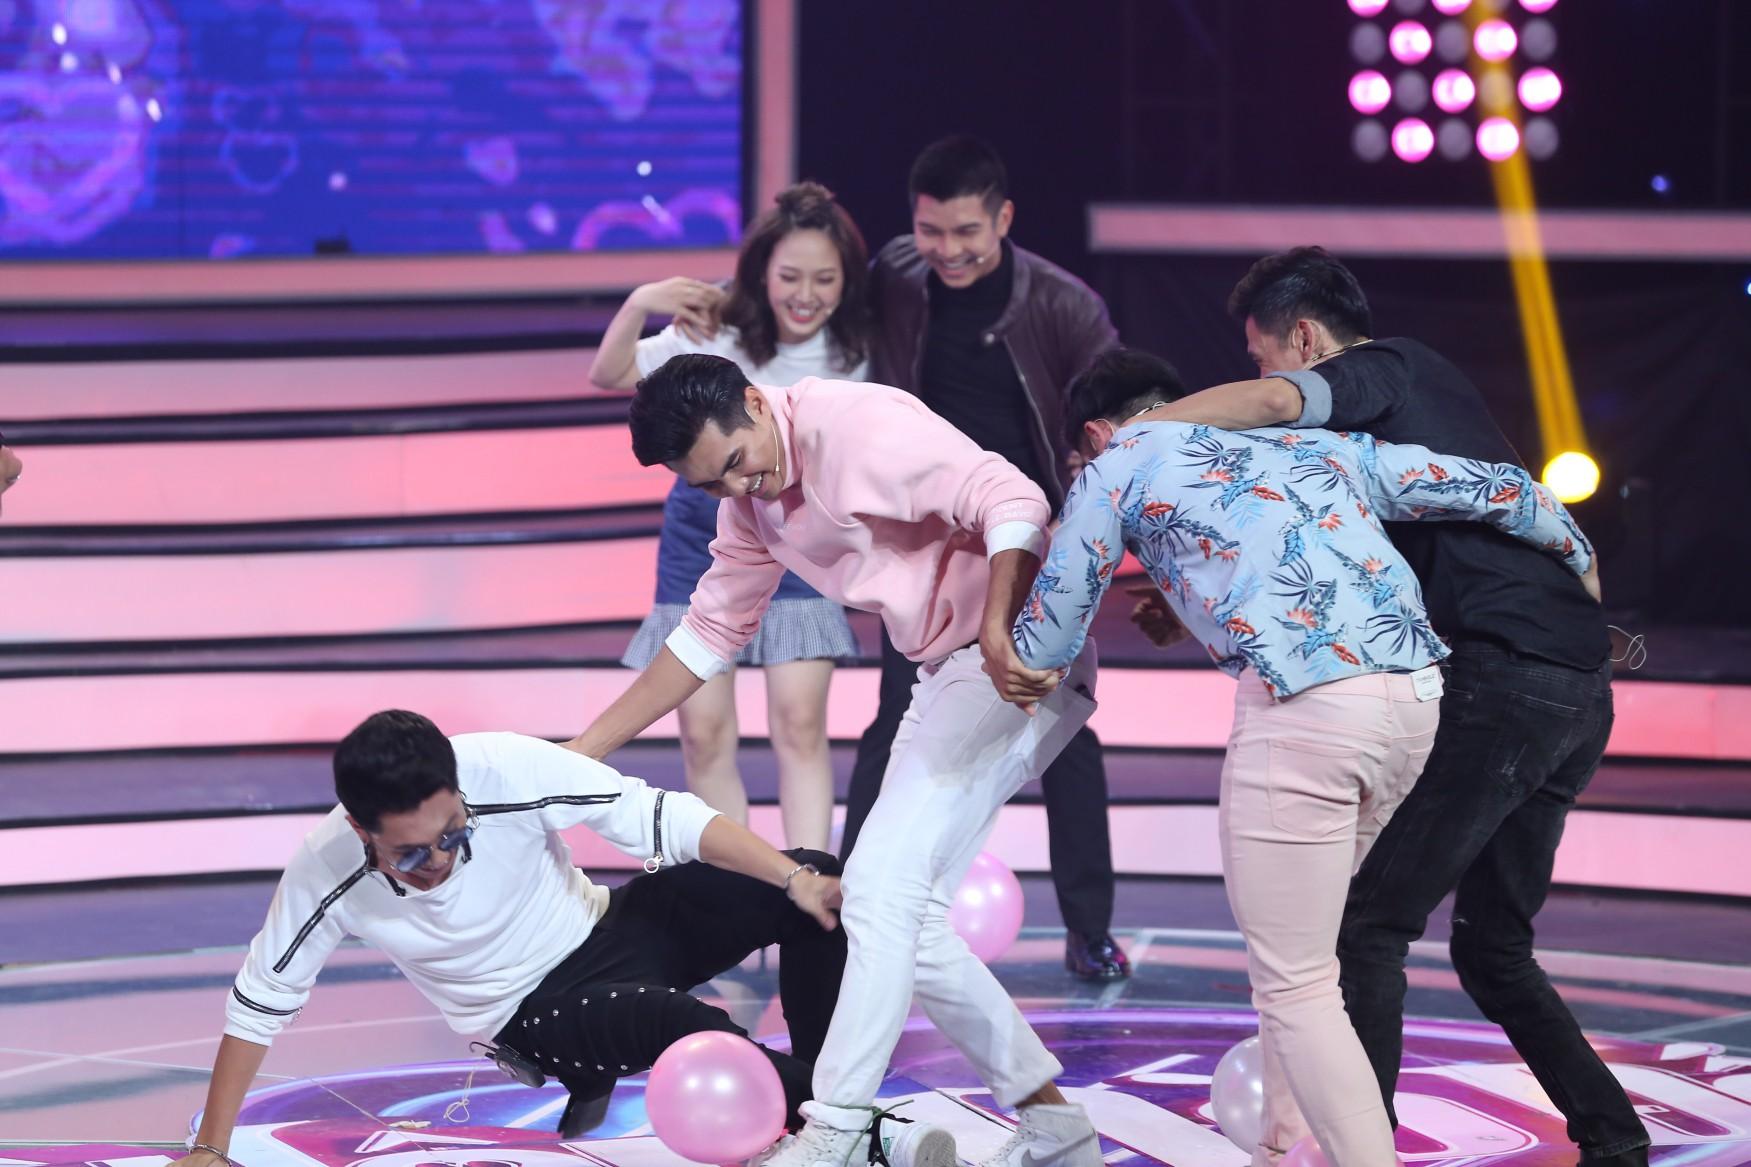 Vì yêu mà đến: MC Quang Bảo trở thành khách mời đầu tiên chấp nhận ra về cùng nữ thí sinh! - Ảnh 8.